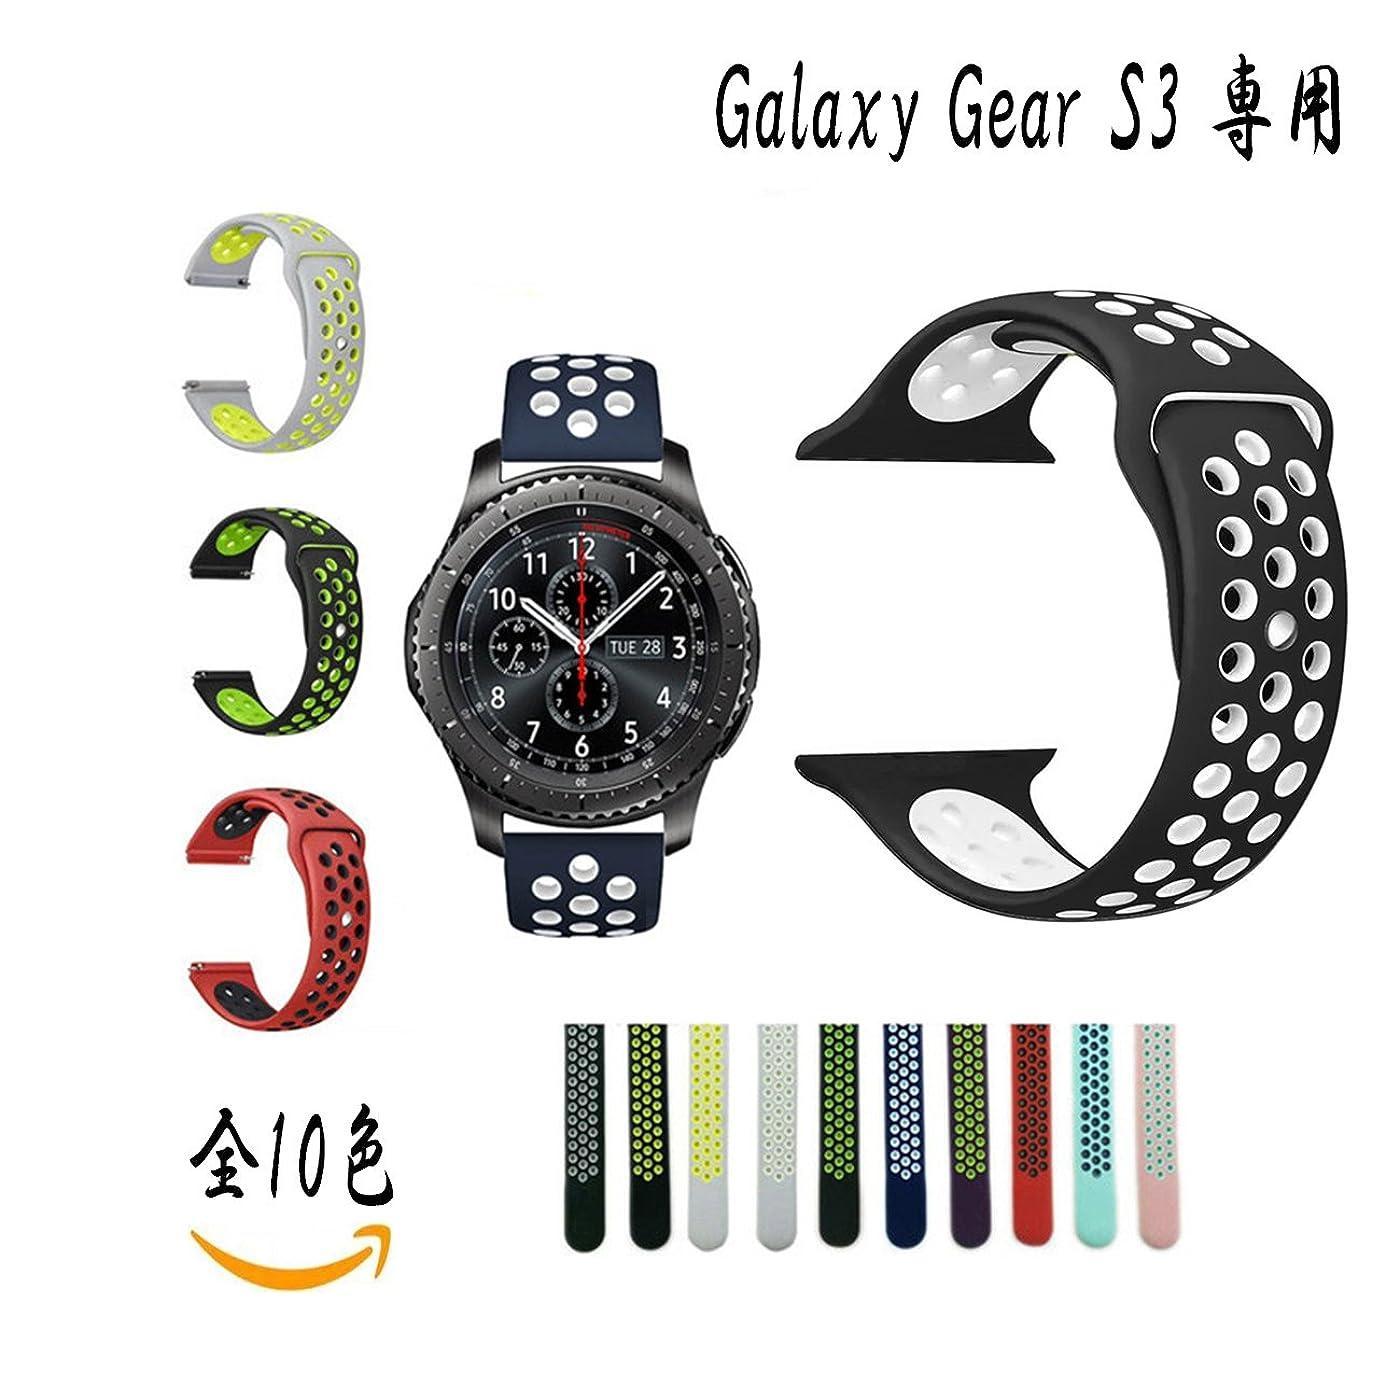 部分的にを除く音【万屋】Galaxy Gear S3 スポーツバンド 全10色 高級シリコンバンド Galaxy Gear S3 に向け 専用スポーツバンド 通気 汚れ防止 水洗い可 Galaxy Gear S3 人気スポーツバンド (Galaxy Gear S3, ブラック+ホワイト)